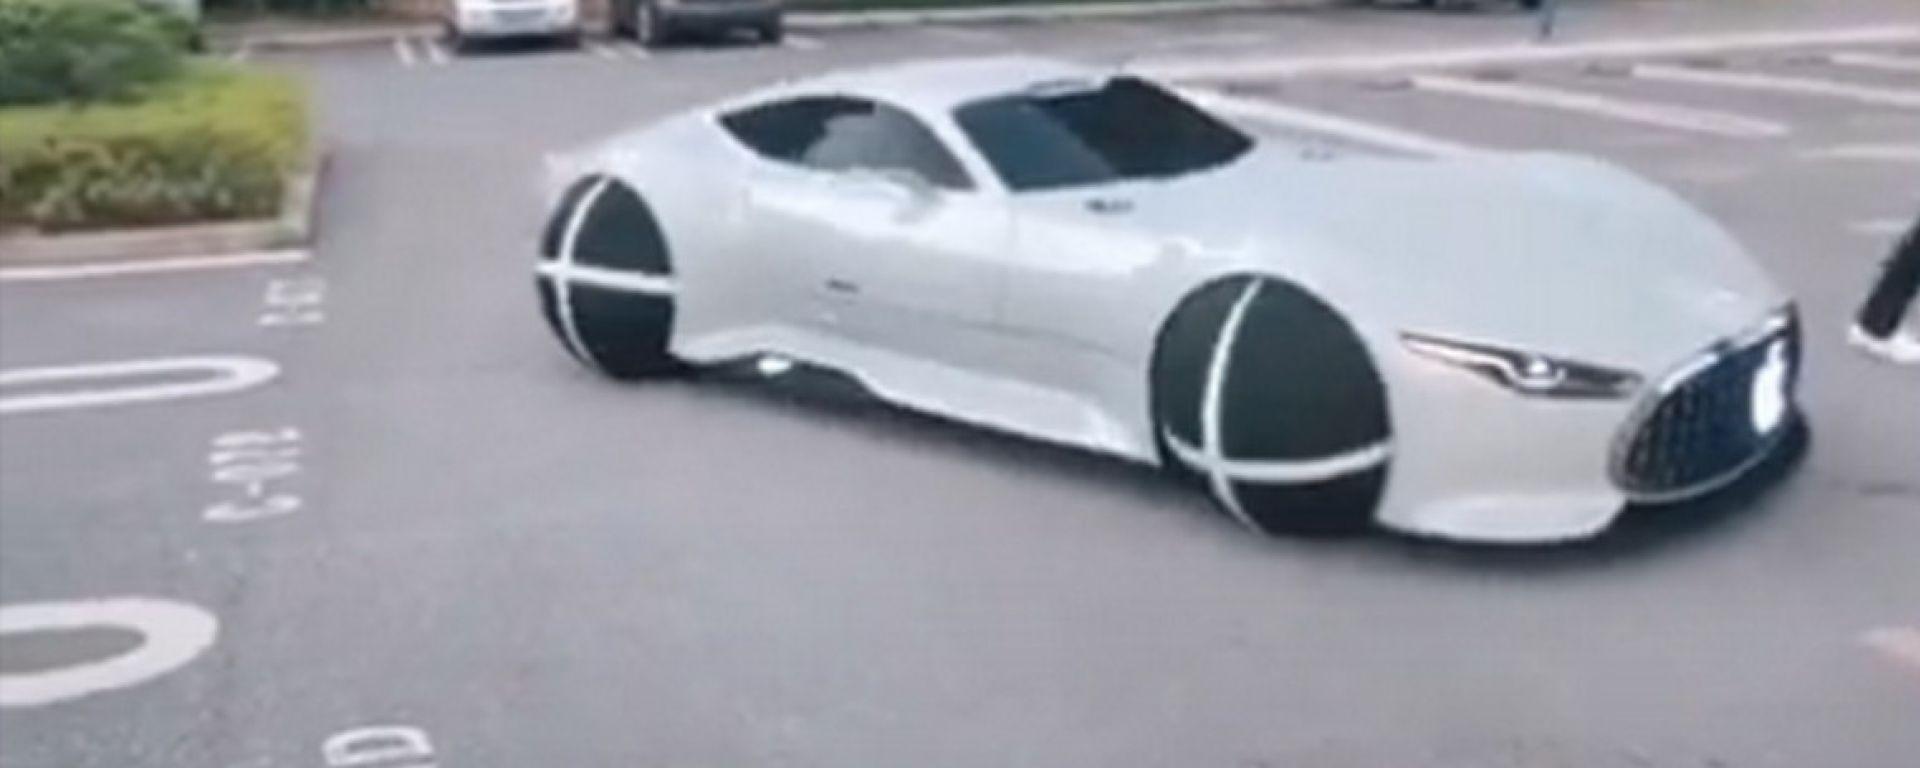 Apple Car? No, fake car